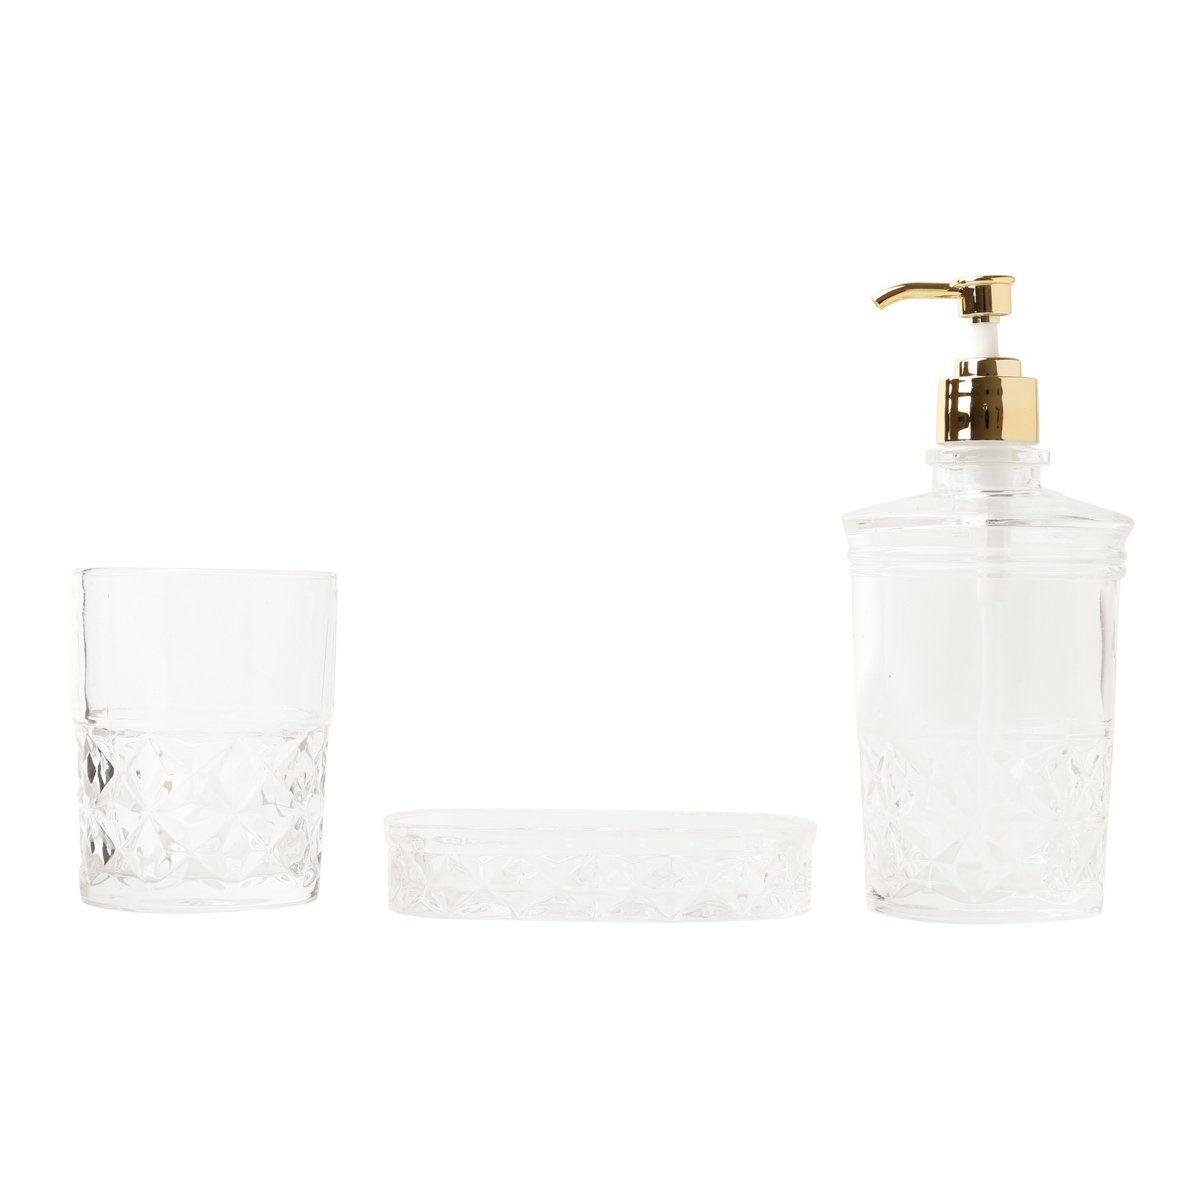 Jogo 3 peças para banheiro de vidro transparente Royal Bon Gourmet  25822